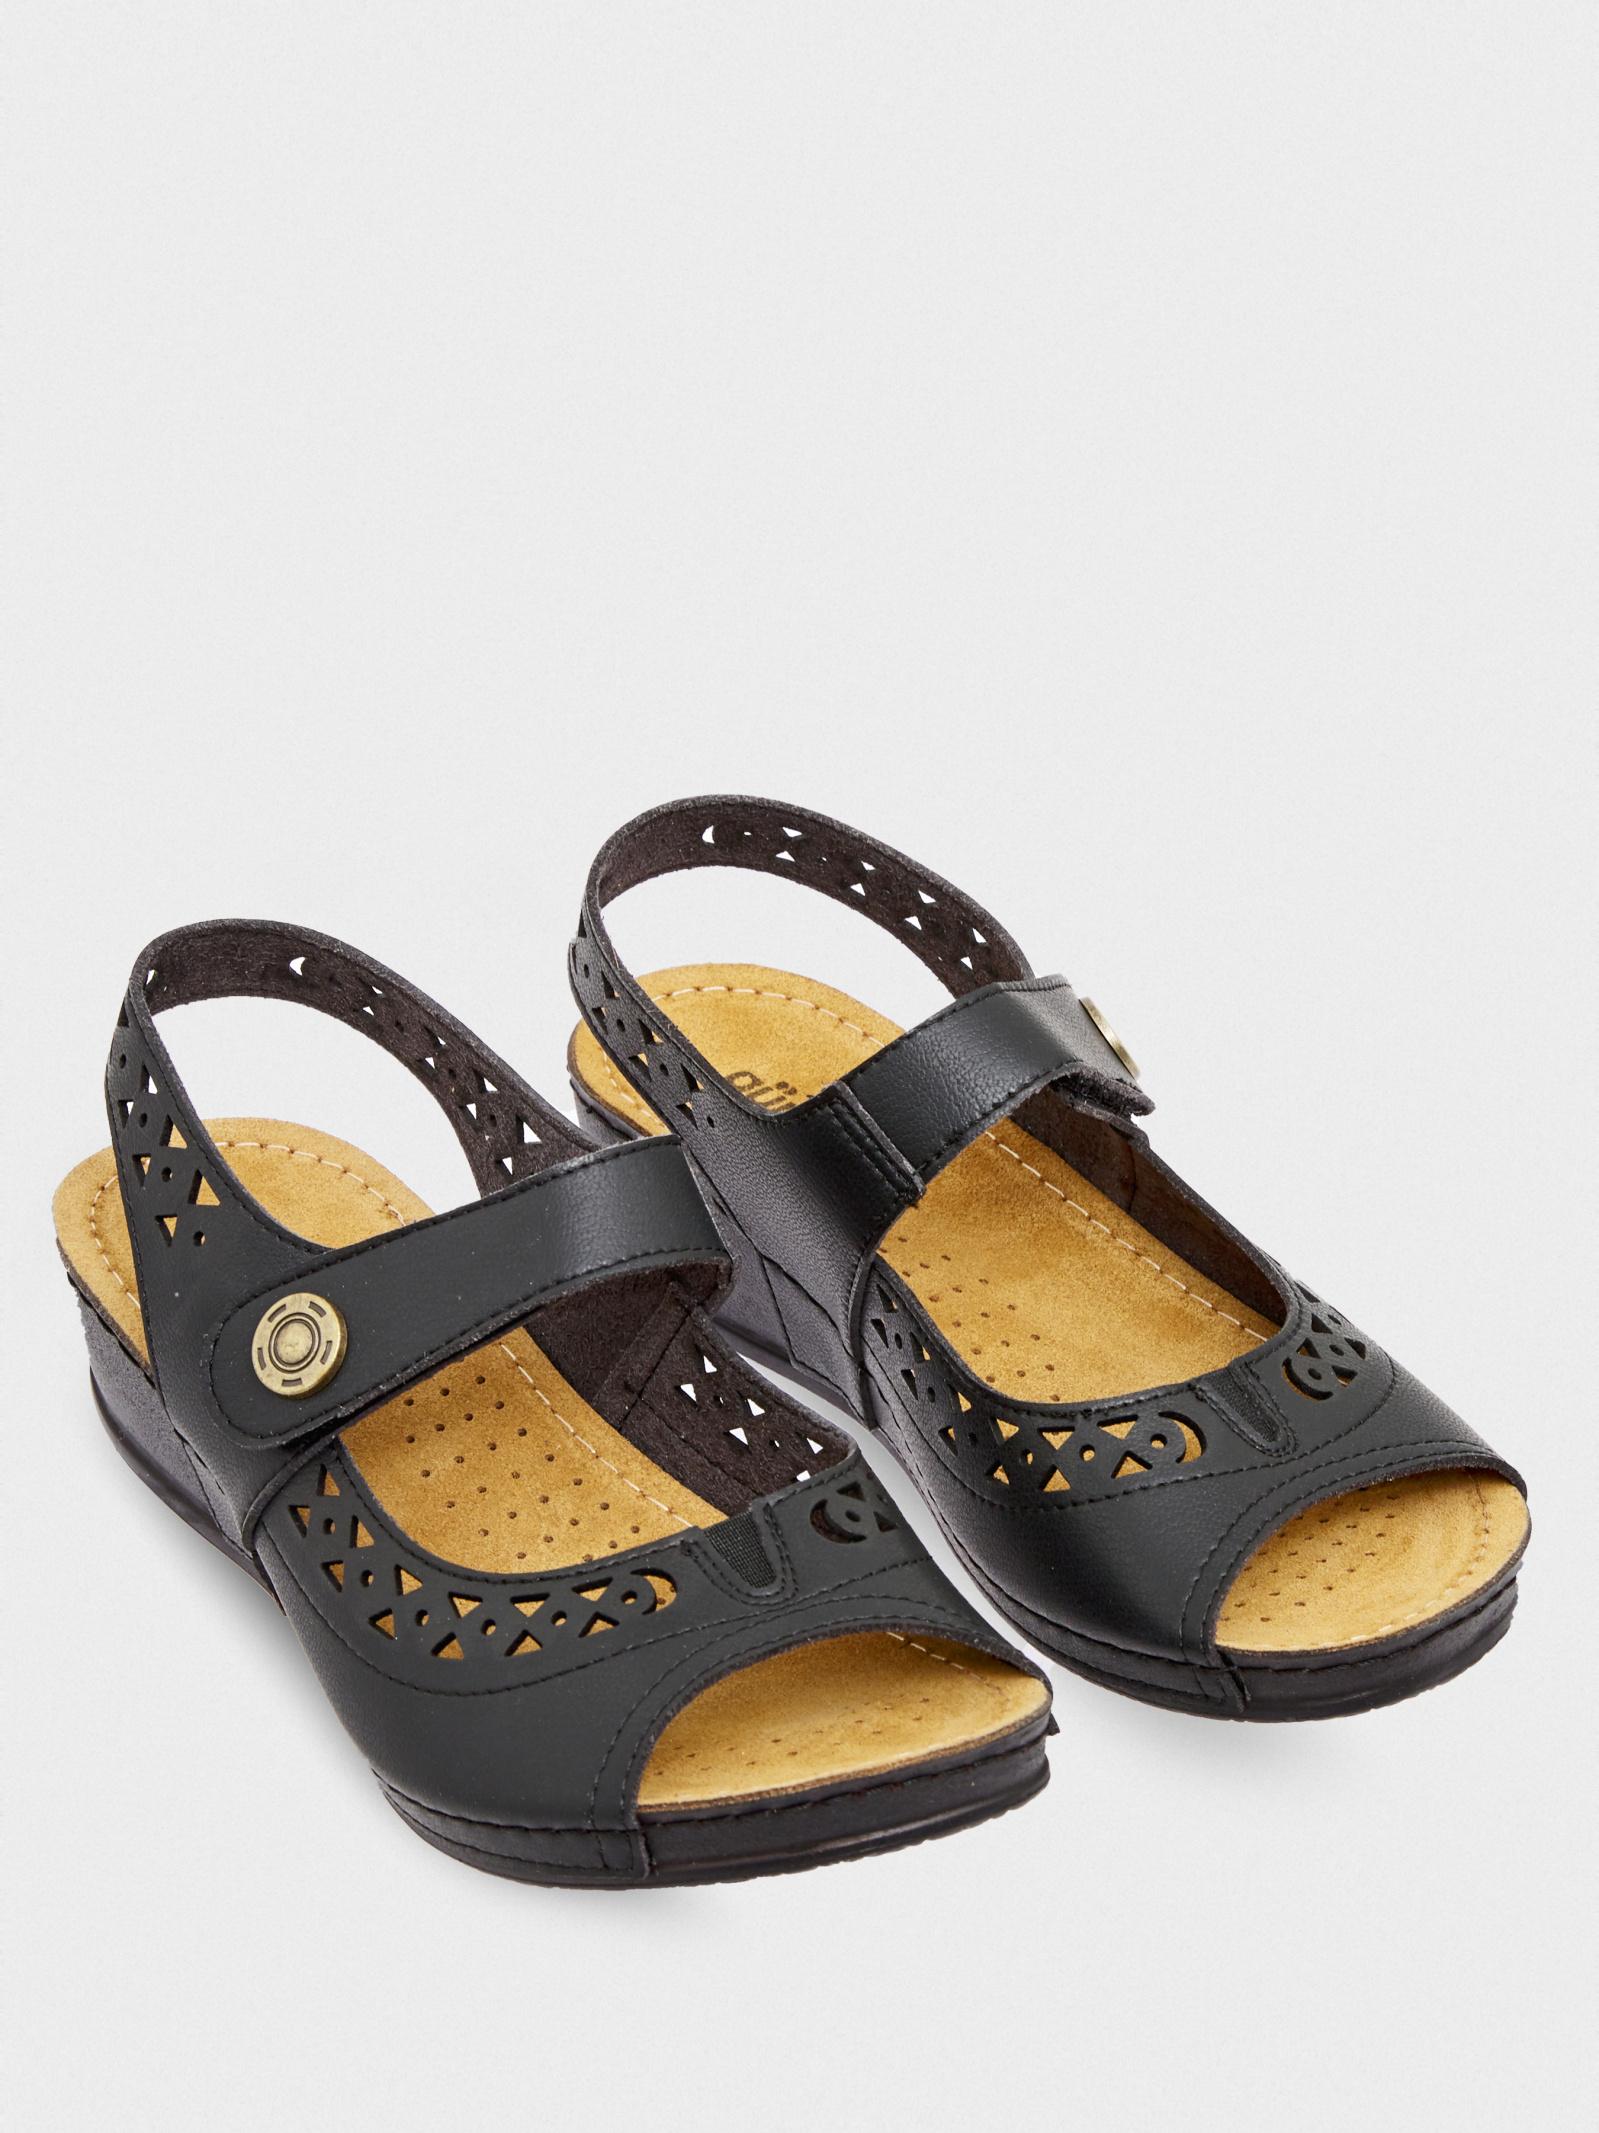 Сандалии для женщин Gunter 417318-3201 брендовая обувь, 2017